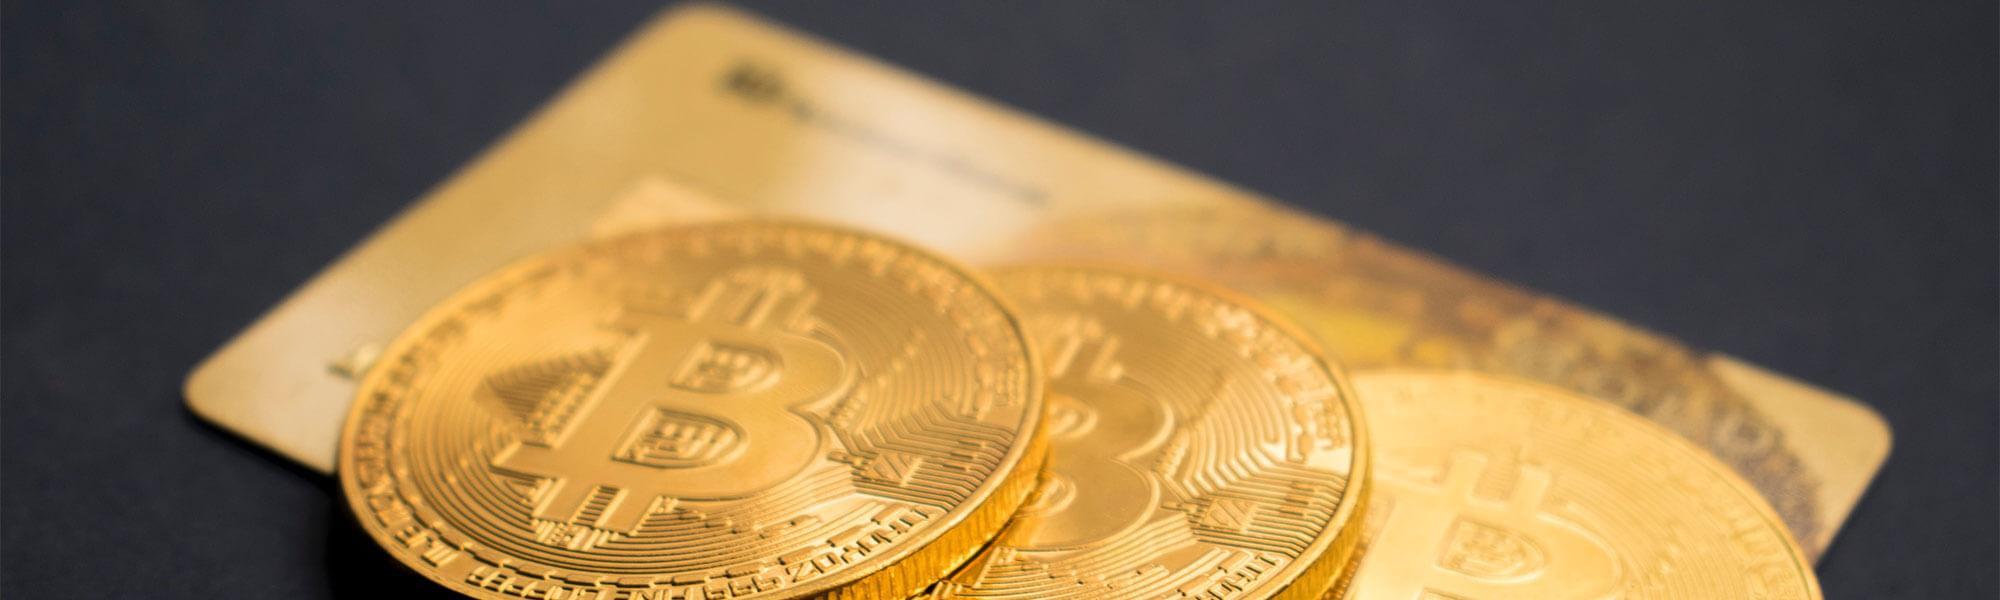 Bitcoin and card